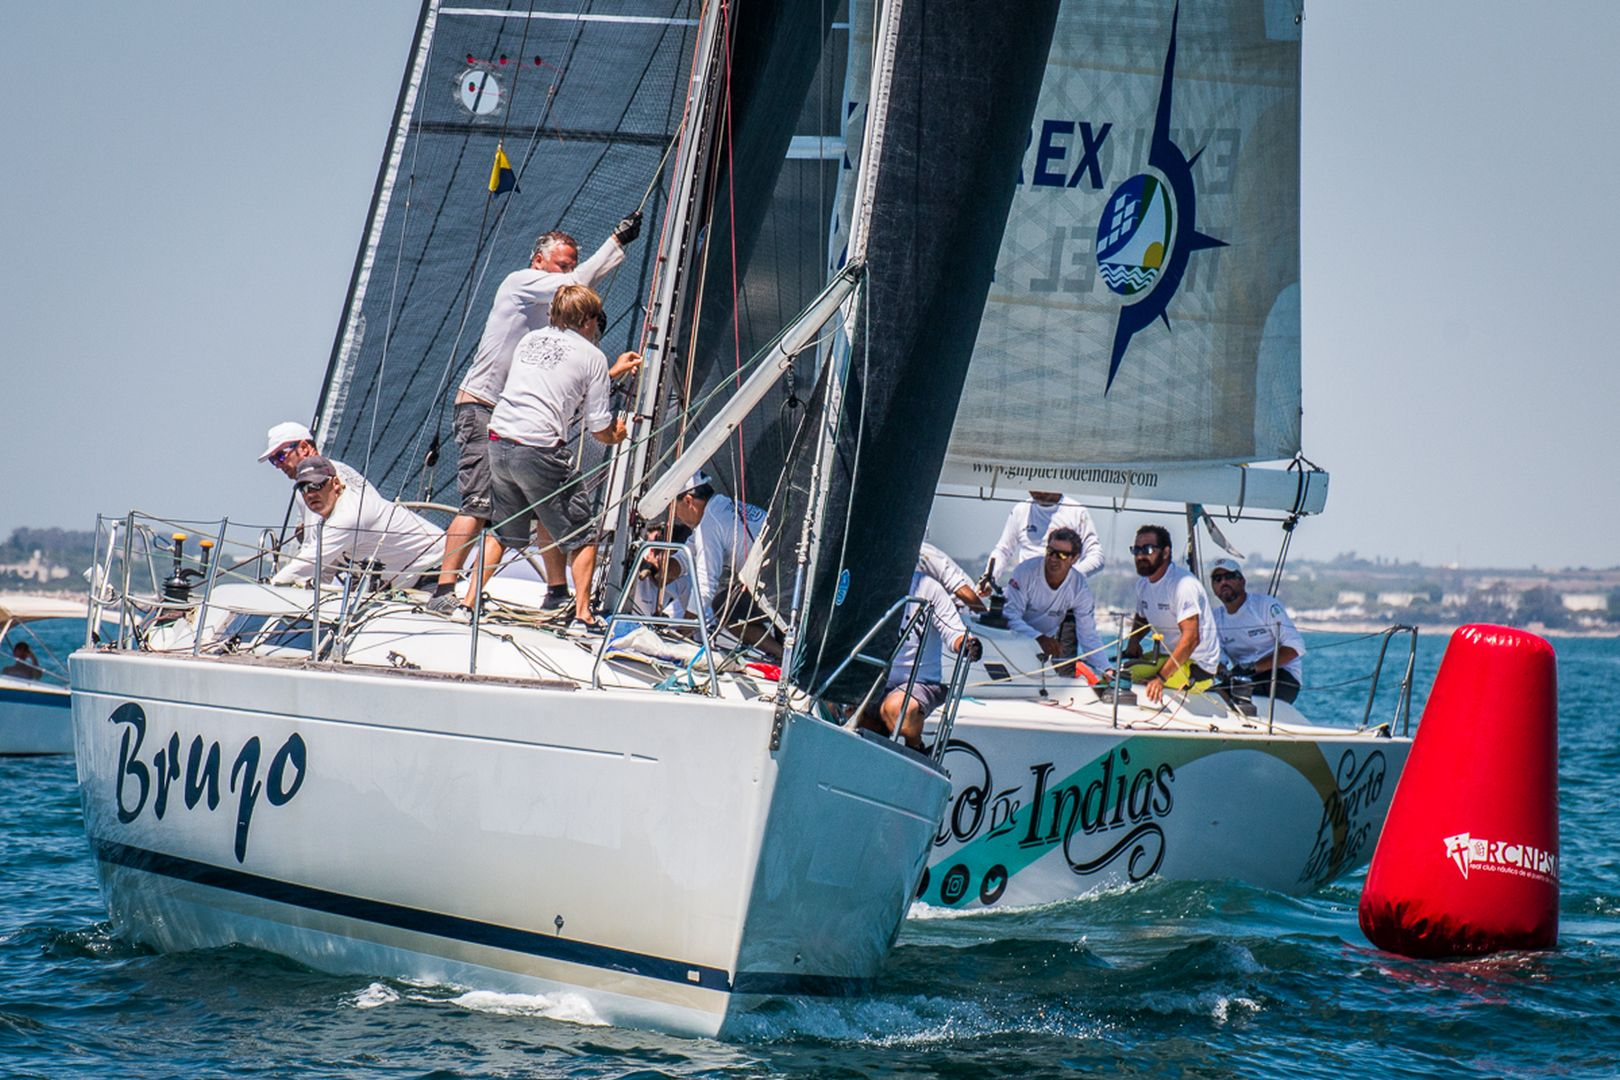 El 'Brujo' Gana La 25ª Regata Juan De La Cosa Y Llega Imbatido A La Final De La 48ª Semana Náutica De Cruceros.